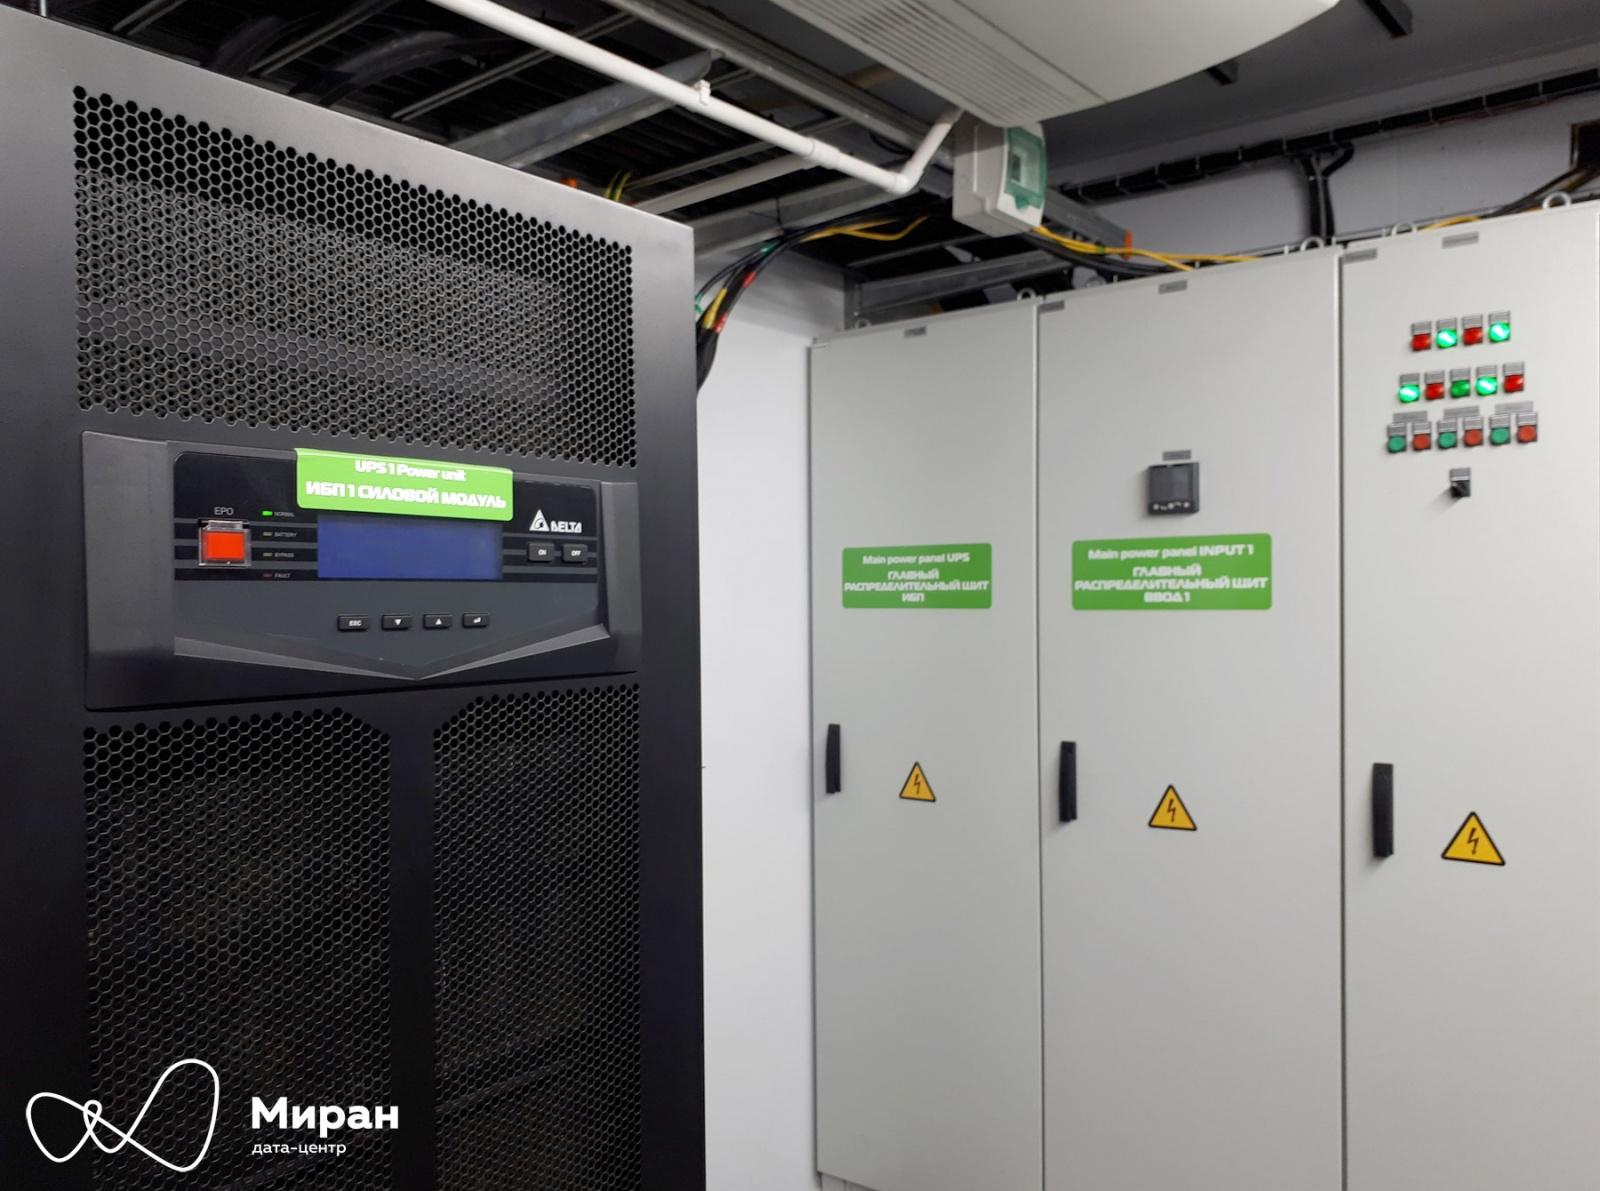 Инженерные системы наших дата-центров и их мониторинг, часть первая - 16